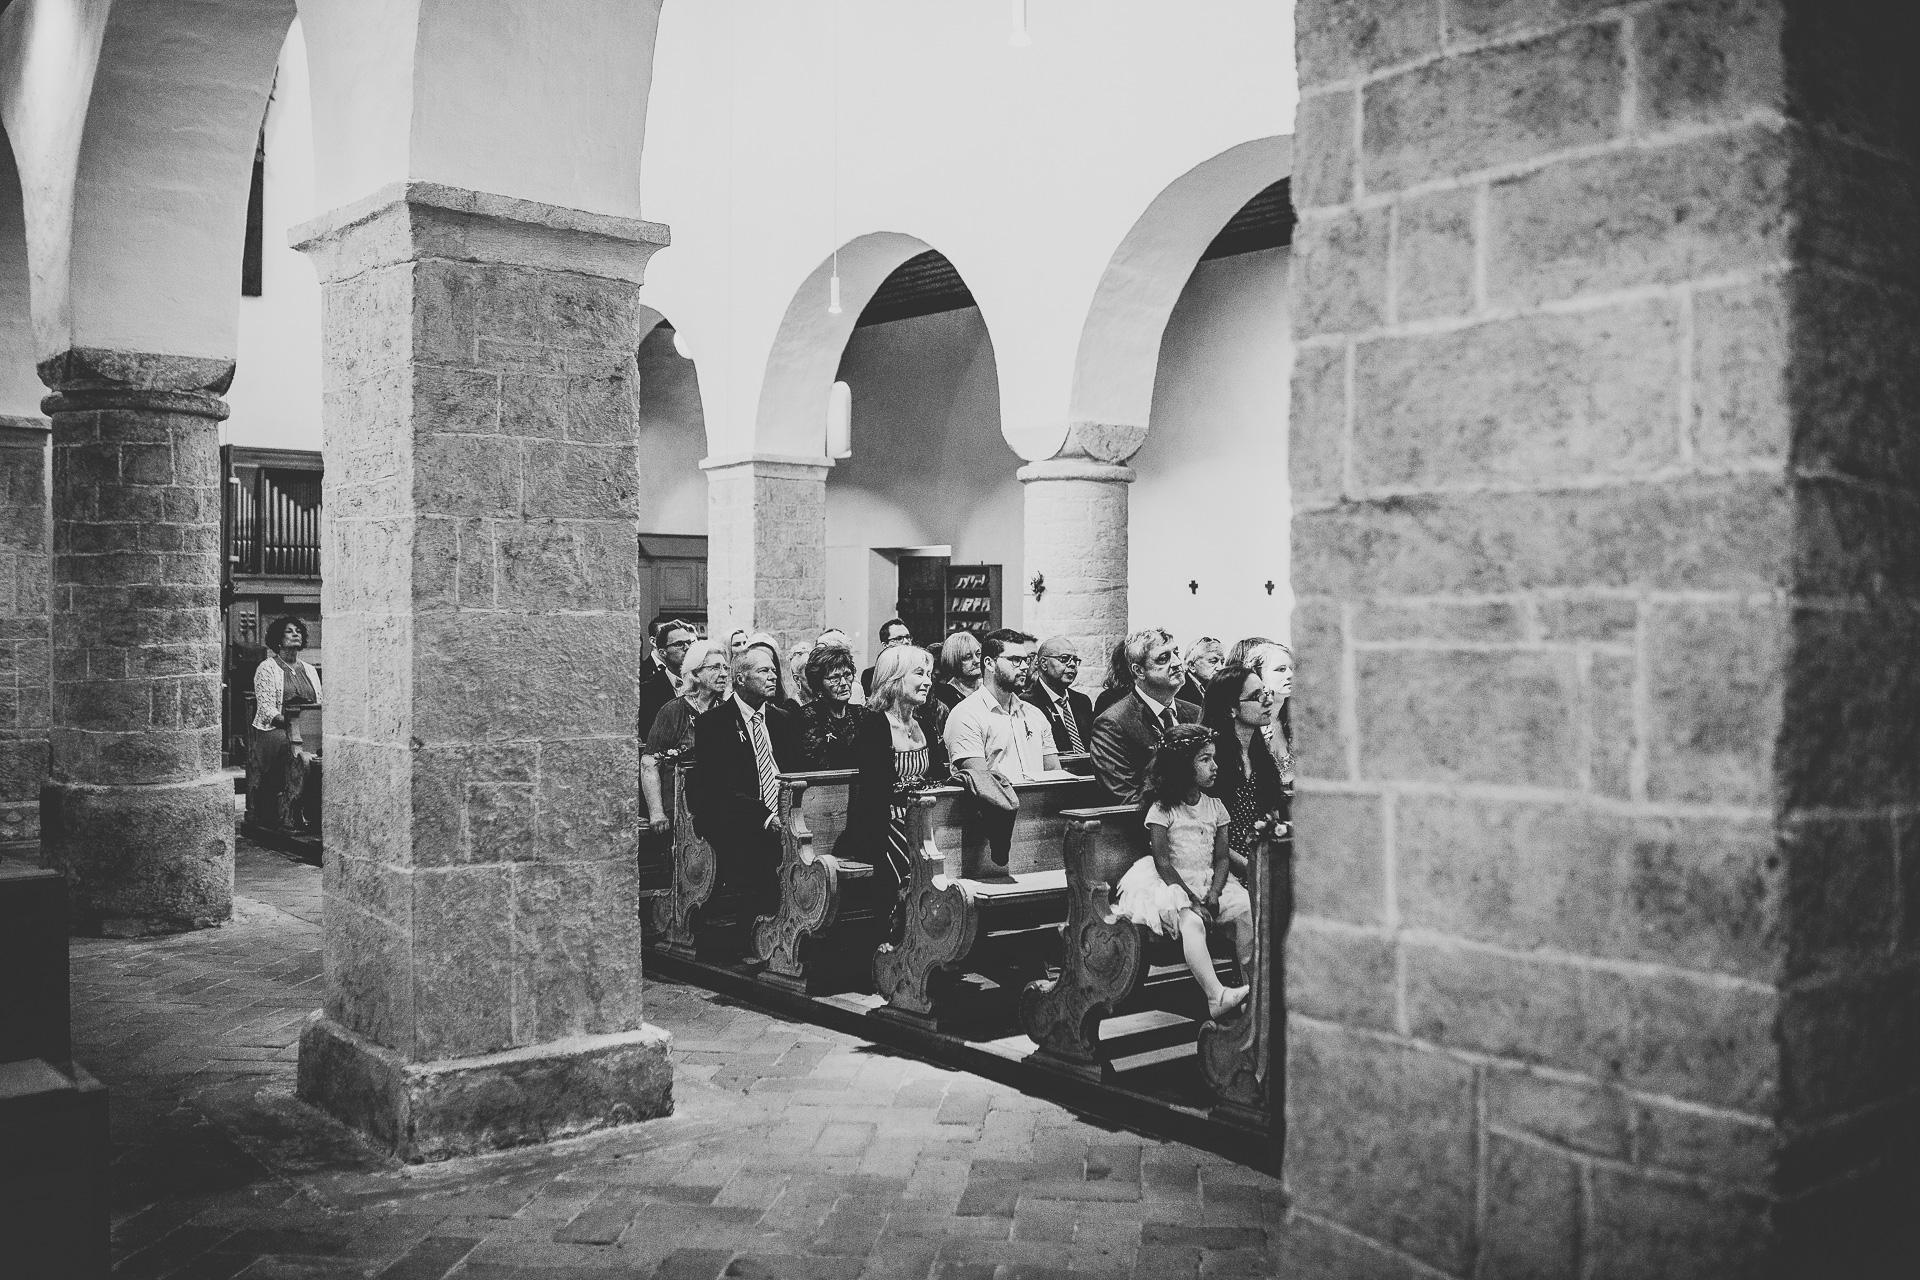 Alexander Utz, Fotografie, Hochzeit, Augsburg, Brautkleid, Brautstrauss-43